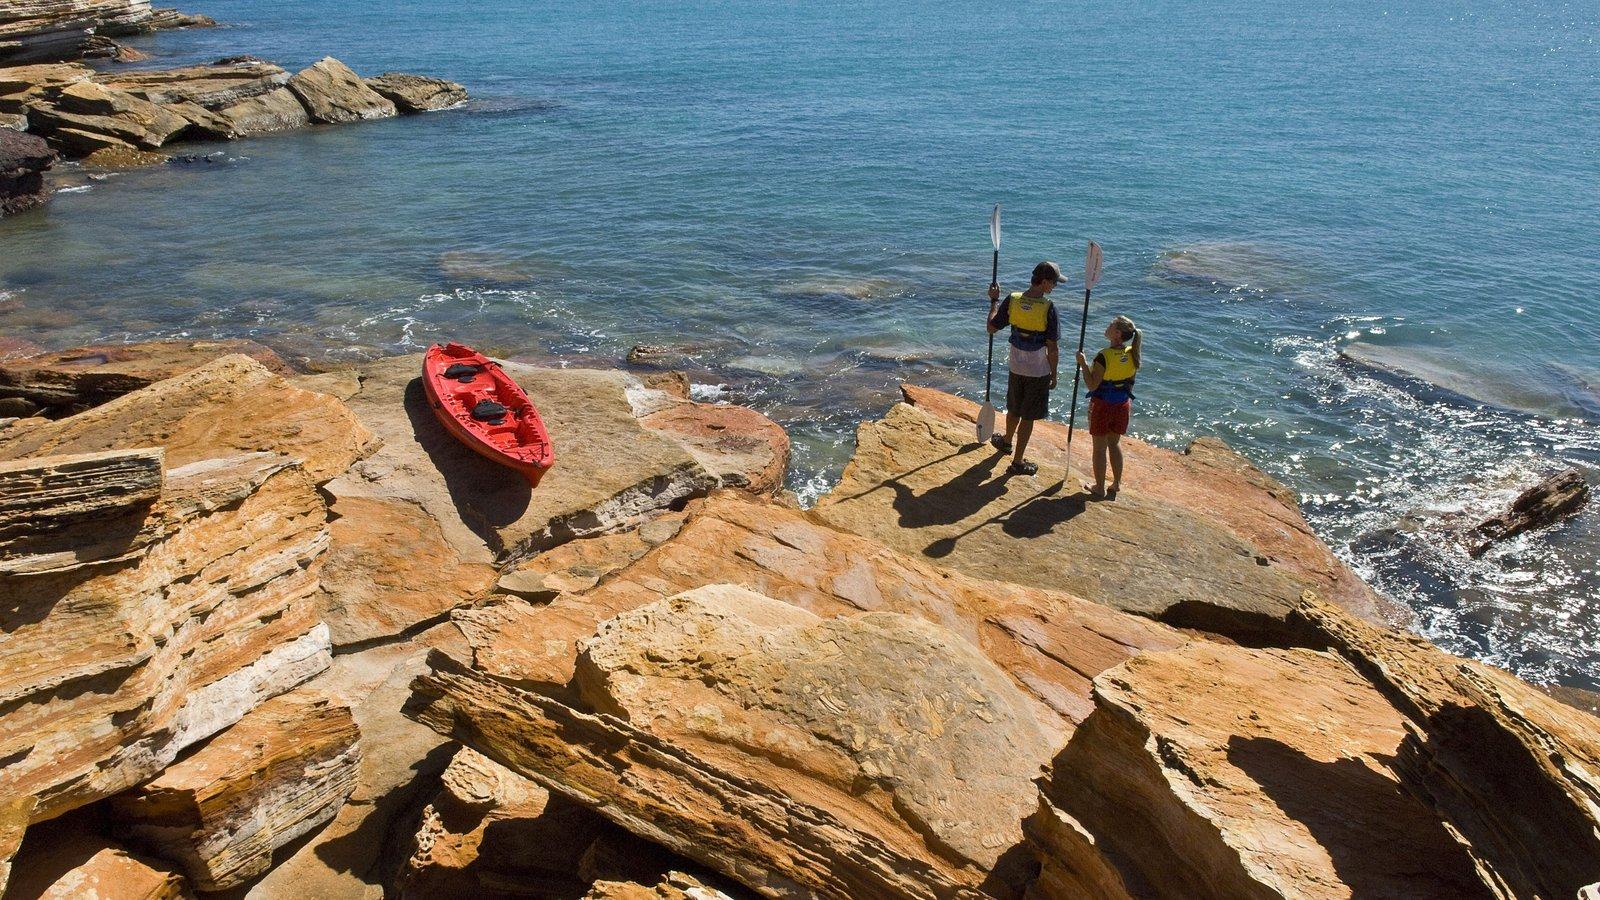 Broome ofreciendo costa rocosa y kayak o canoa y también una pareja